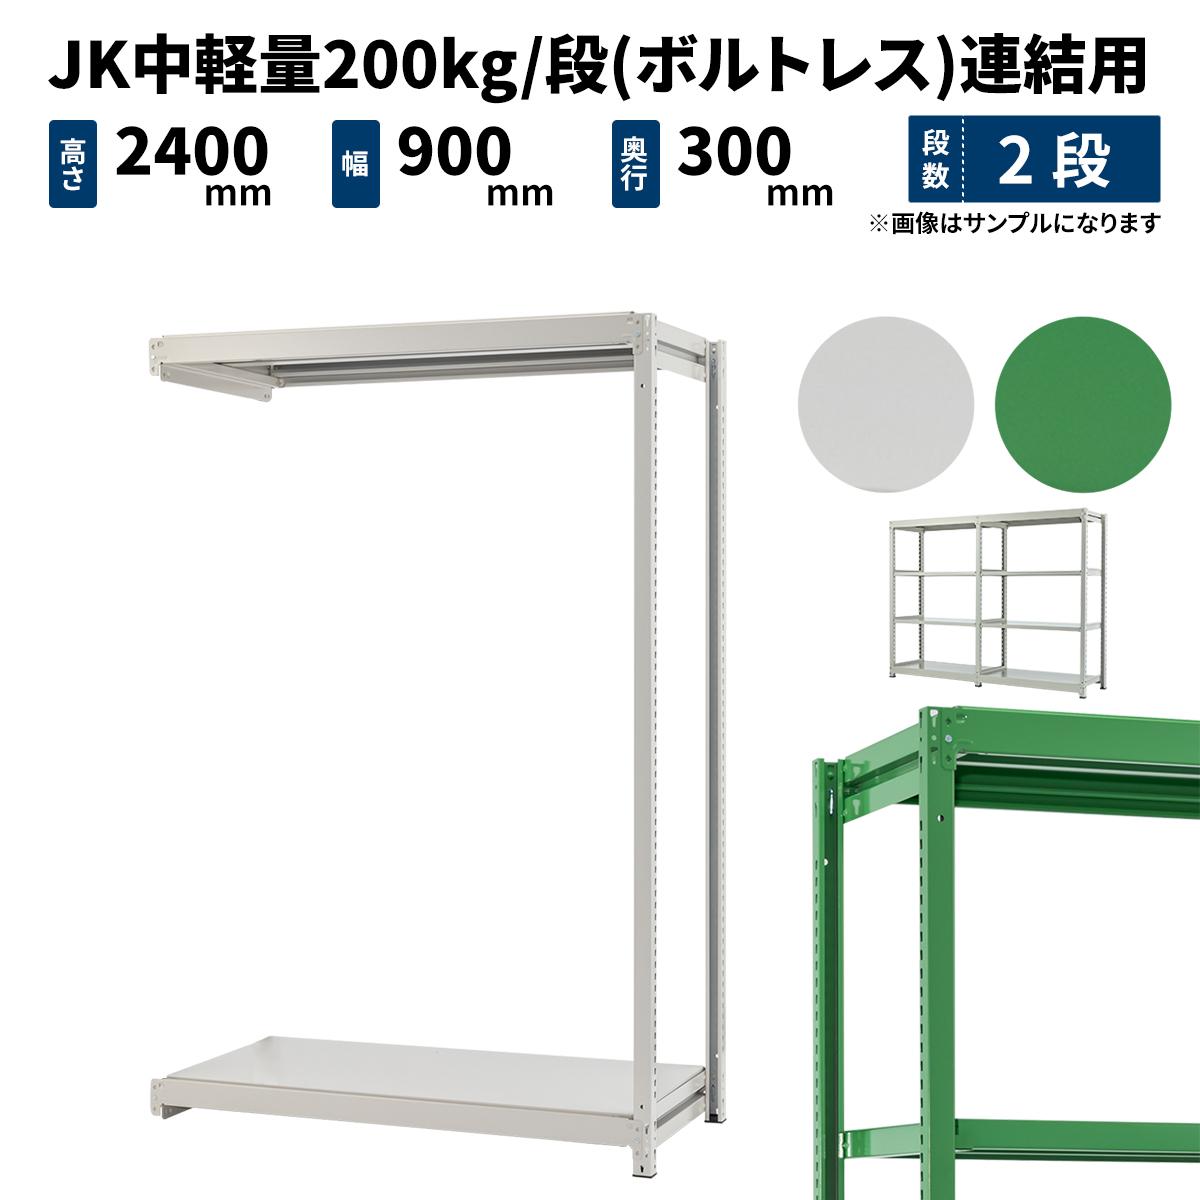 スチールラック 業務用 JK中軽量200kg/段(ボルトレス) 連結形式 高さ2400×幅900×奥行300mm 2段 ホワイトグレー/グリーン (22kg) JK200_R-240903-2